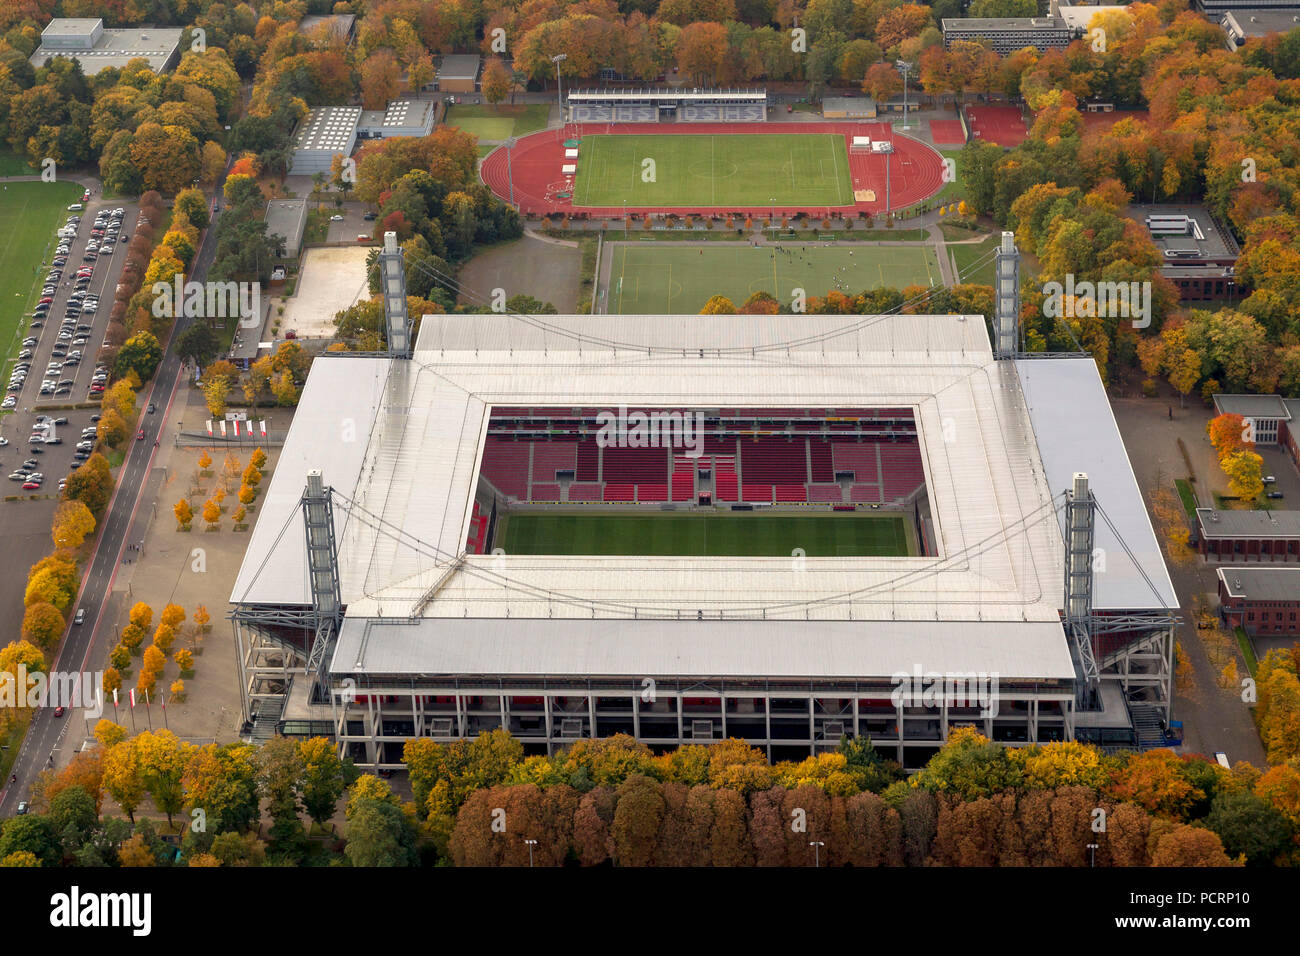 Aerial view, RevierEnergieStadion, 1.FC Köln, Rhein-Energie-Stadion, 2.Bundesliga, Cologne, Rhineland, North Rhine-Westphalia, Germany, Europe - Stock Image